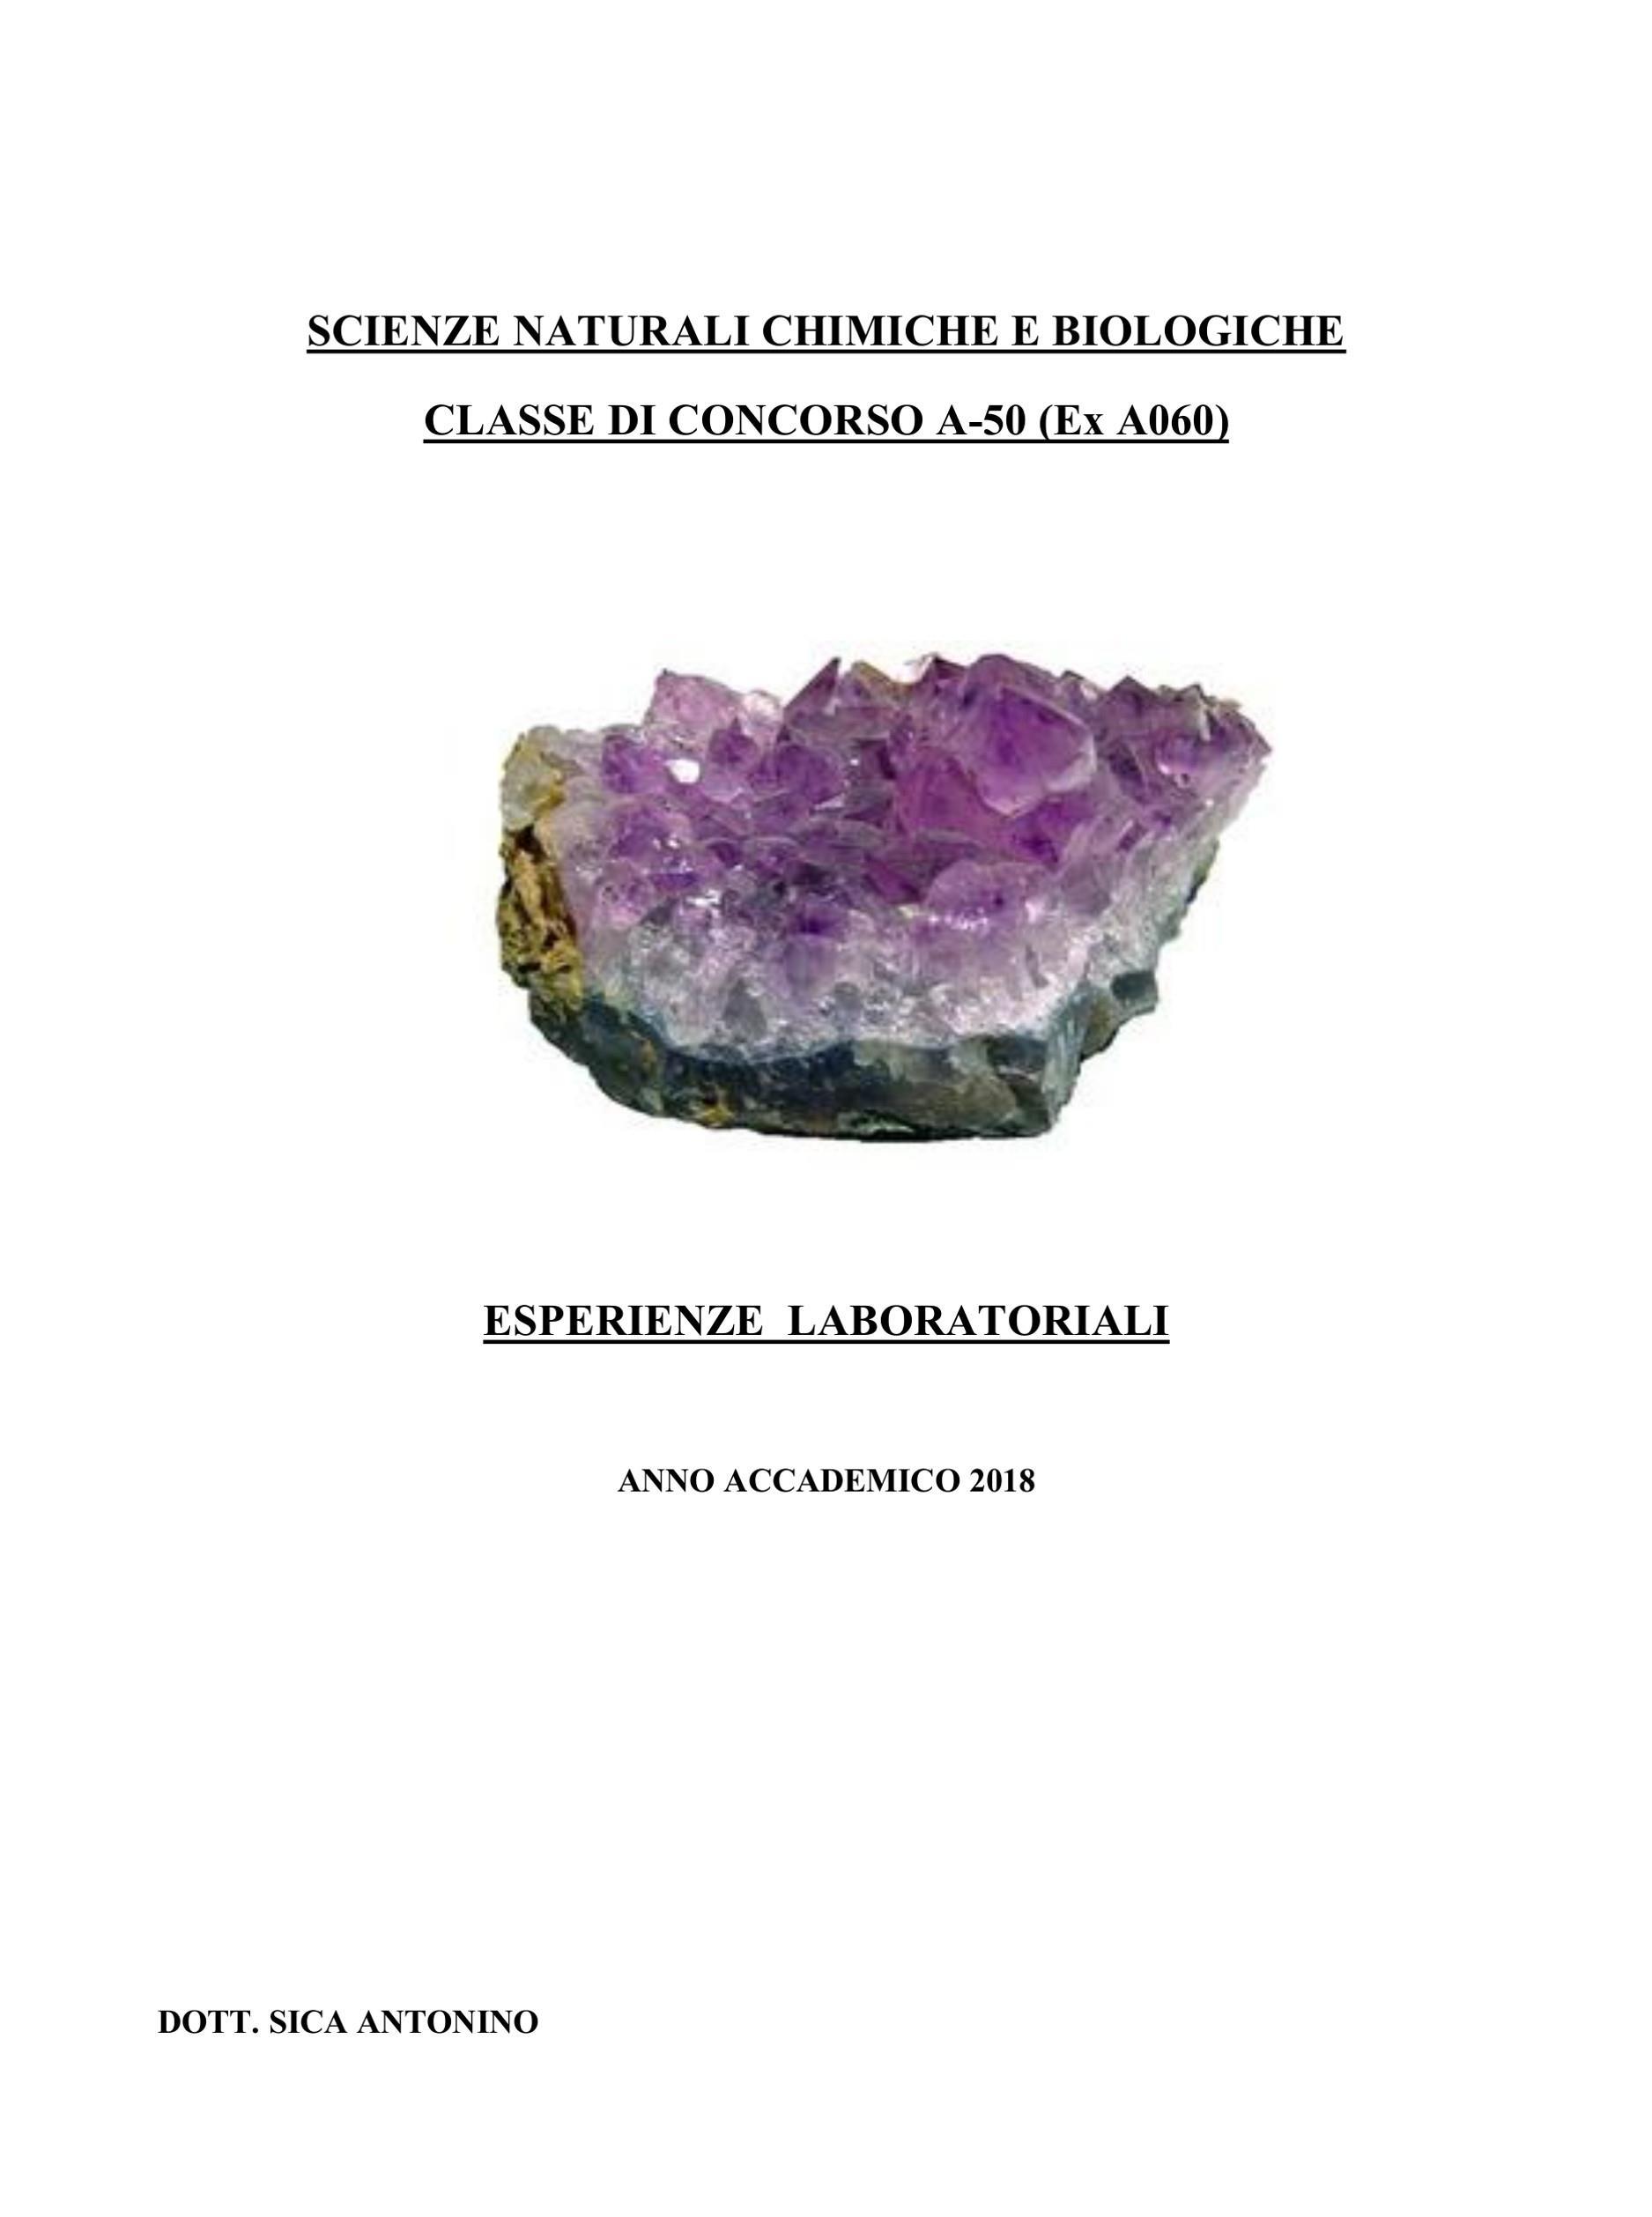 Scienze naturali chimiche e biologiche. Classe di concorso A-50 (ex A060) - Esperienze laboratoriali